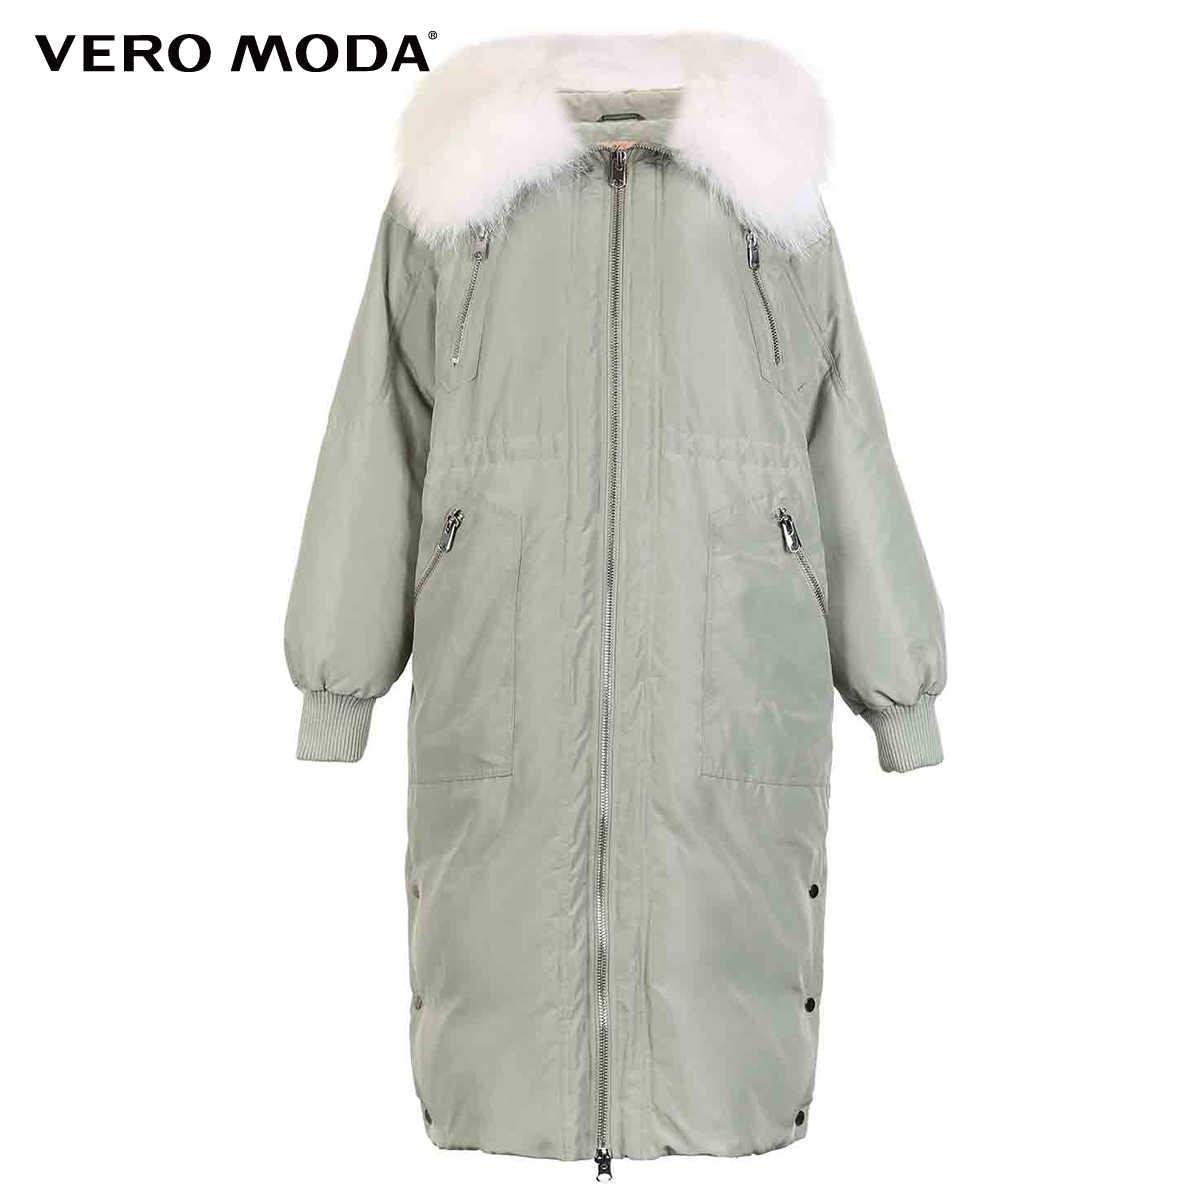 Vero Moda nowy kołnierz z futra szopa 80% biała kurtka puchowa | 318412505